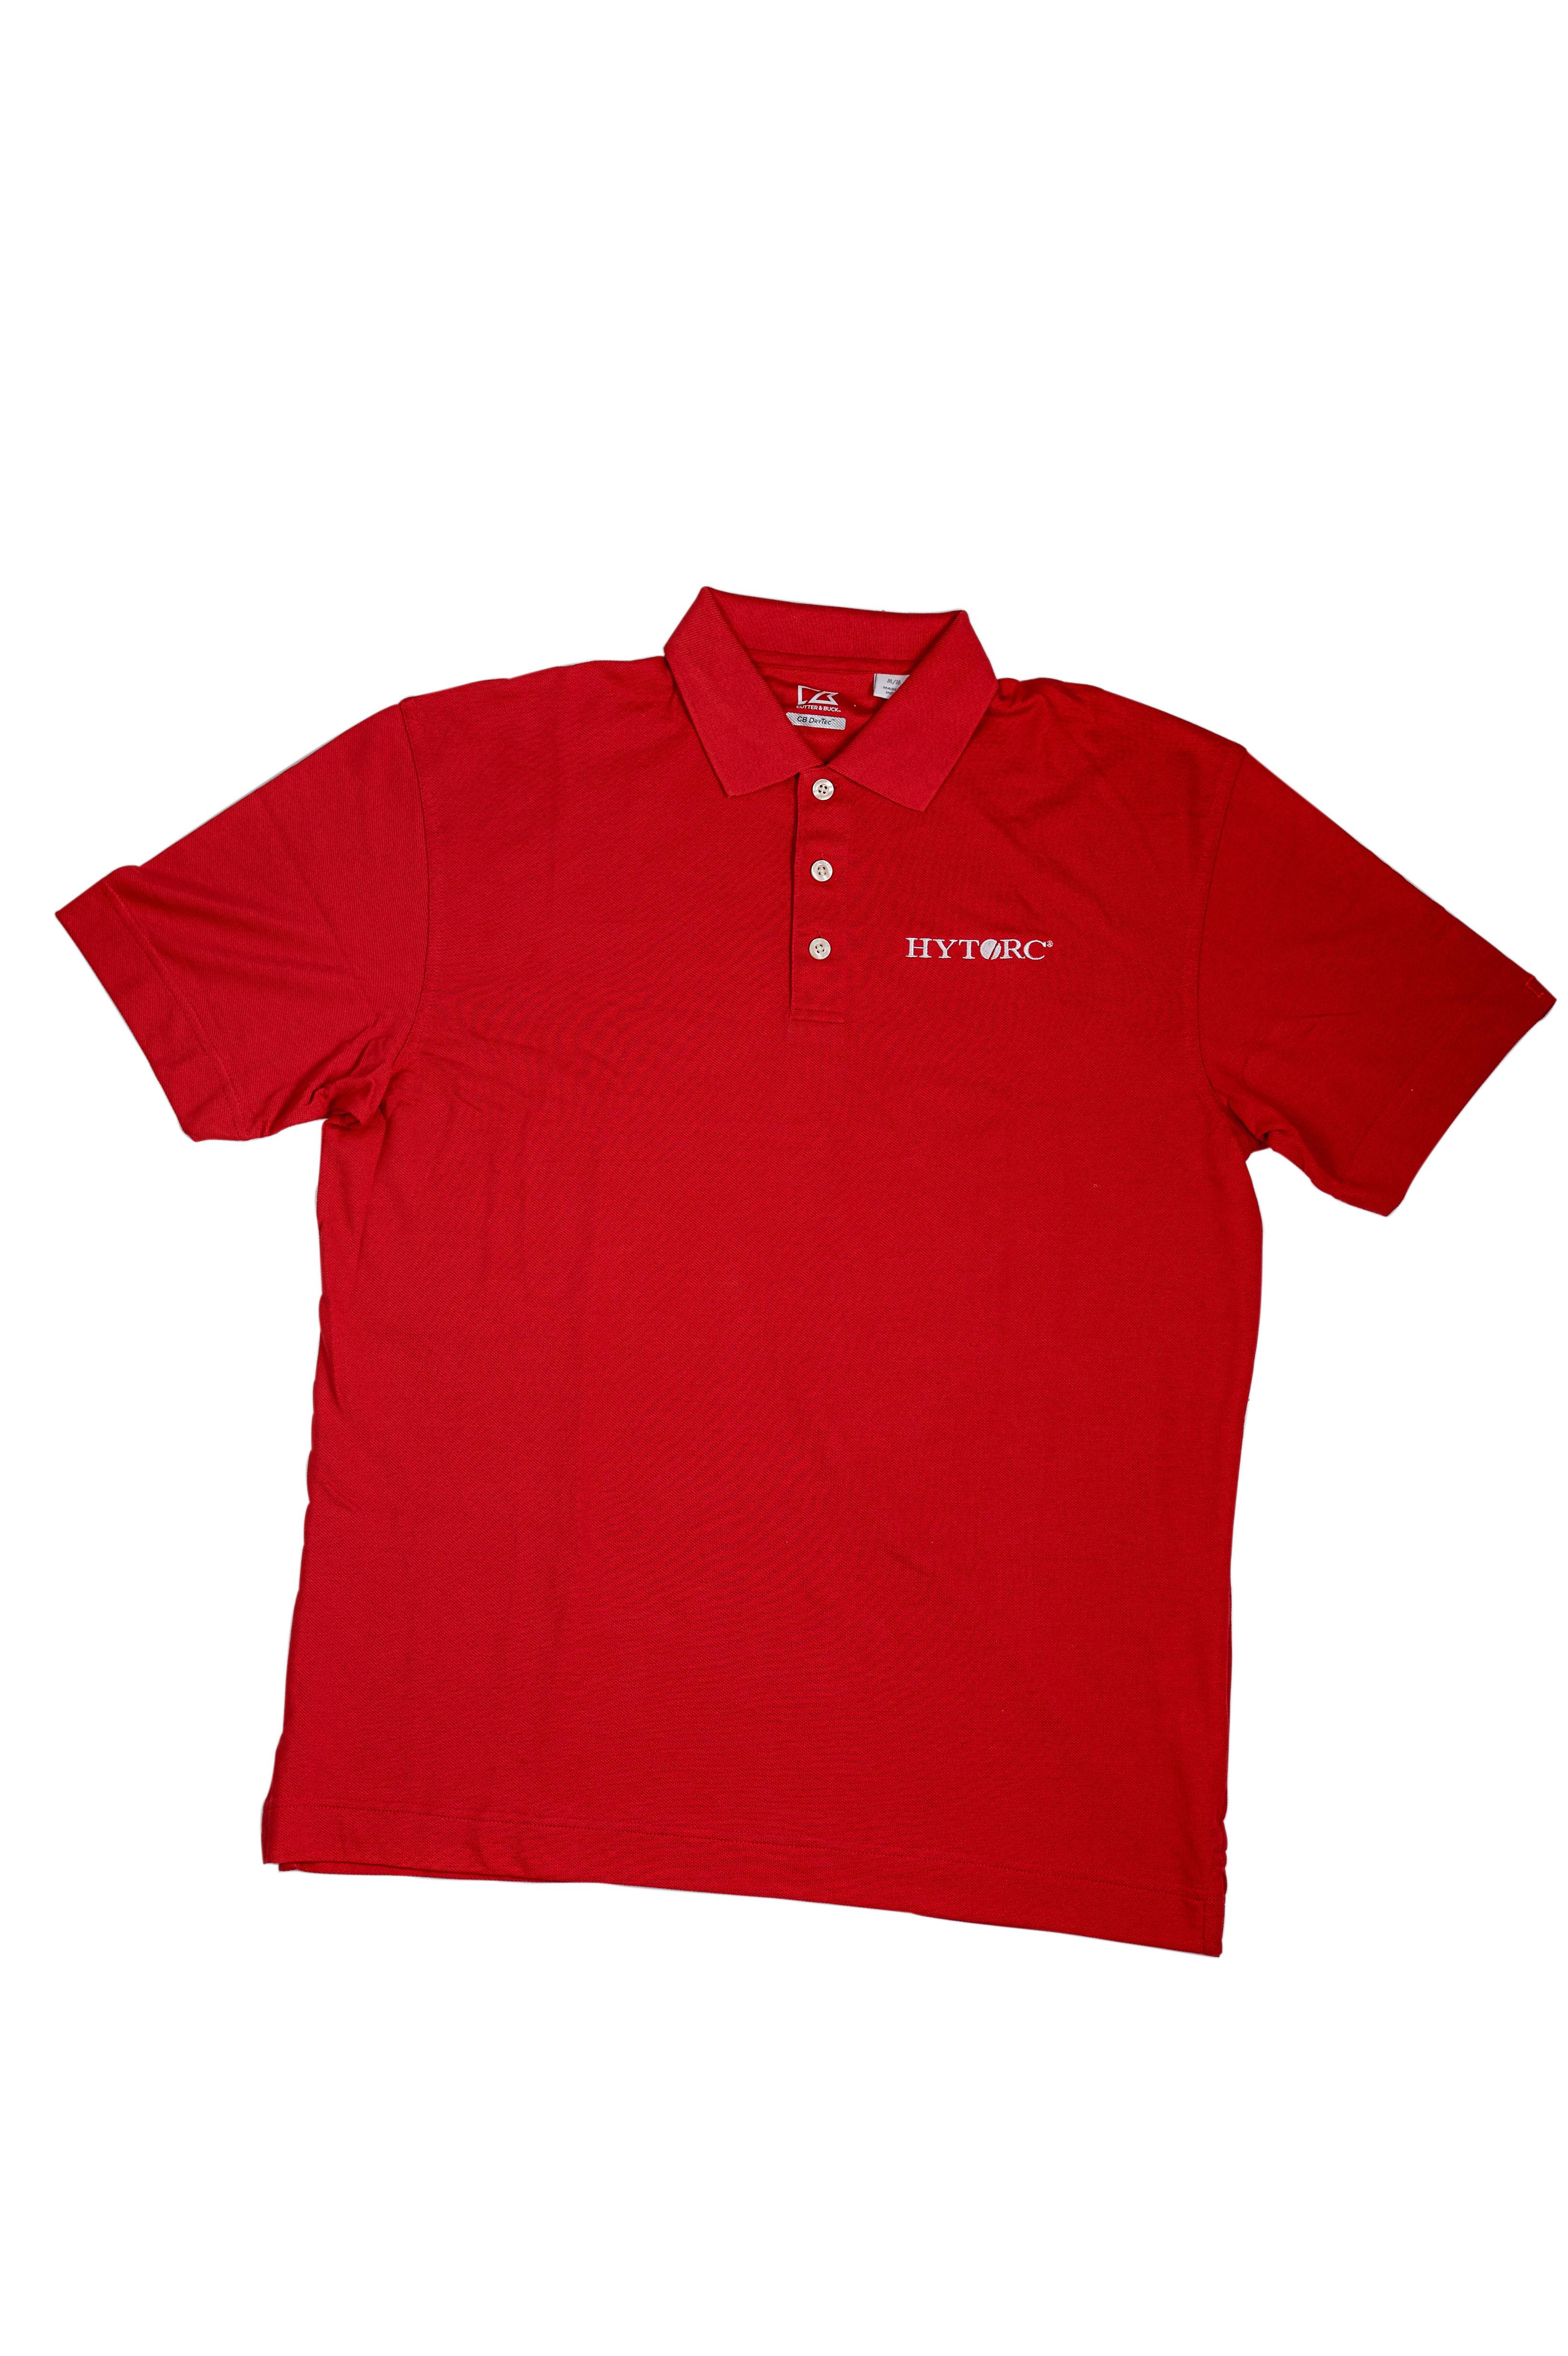 HYTORC-Cutter_Buck_Red_Polo_Shirt.jpg